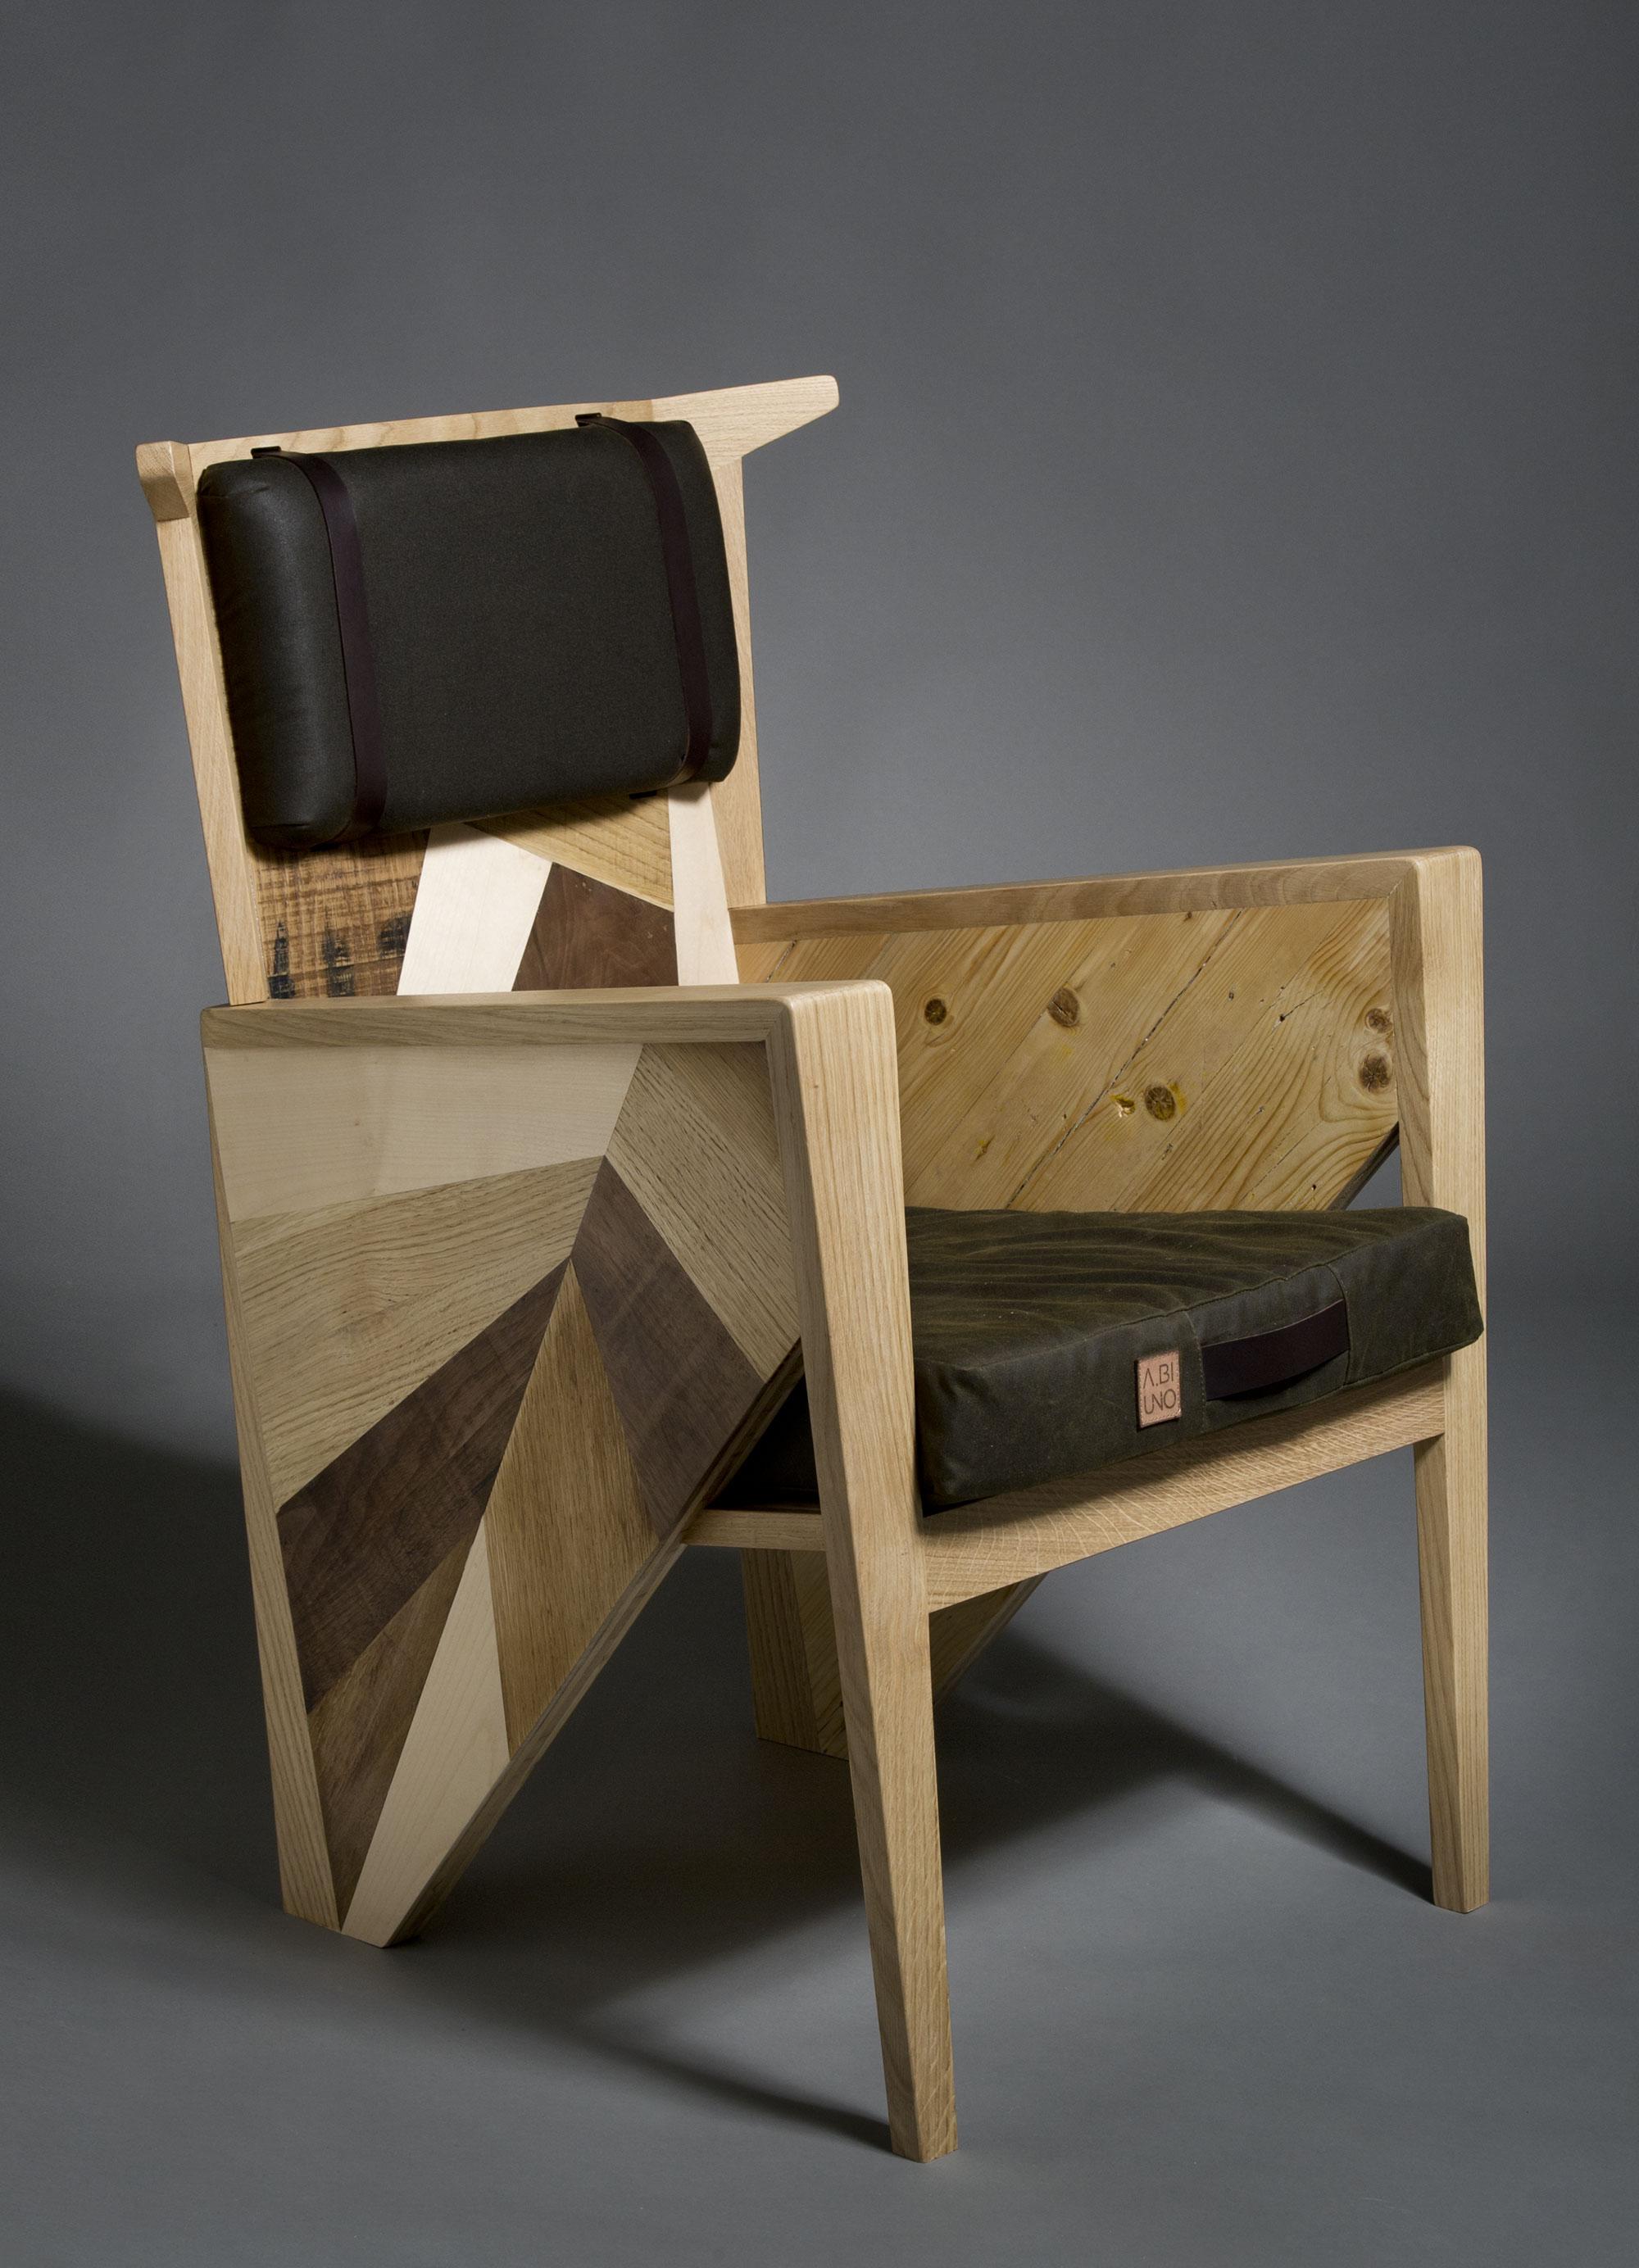 Poltrona in legno riciclato e legno massello con cuscini sfoderabili in waxed canvas. Abiuno e Laquercia21 poltrona di design